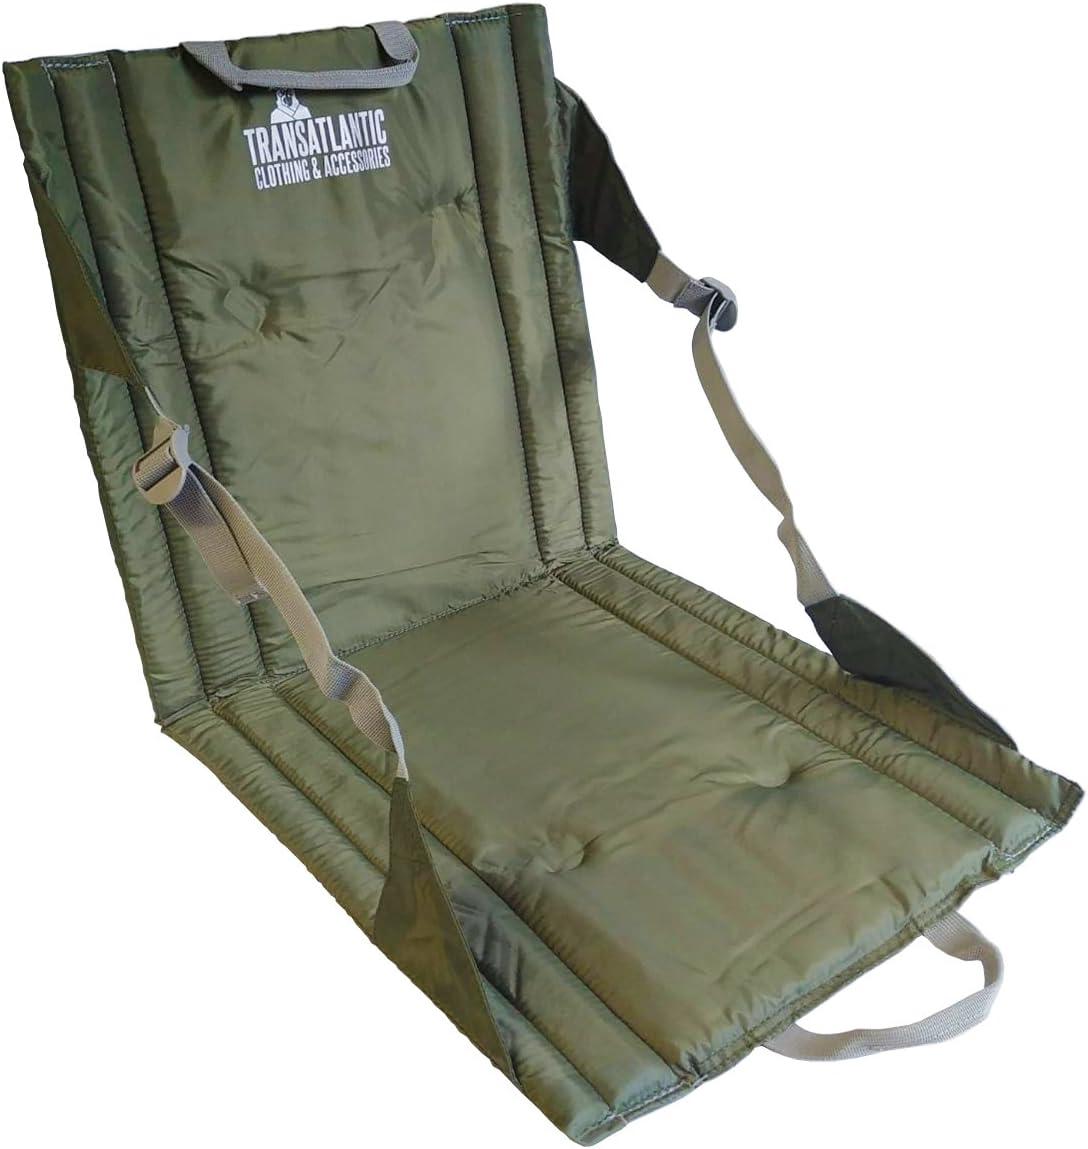 Highlander Green Folding Sit Mat Hiking Walking Camping Backpacking Fishing